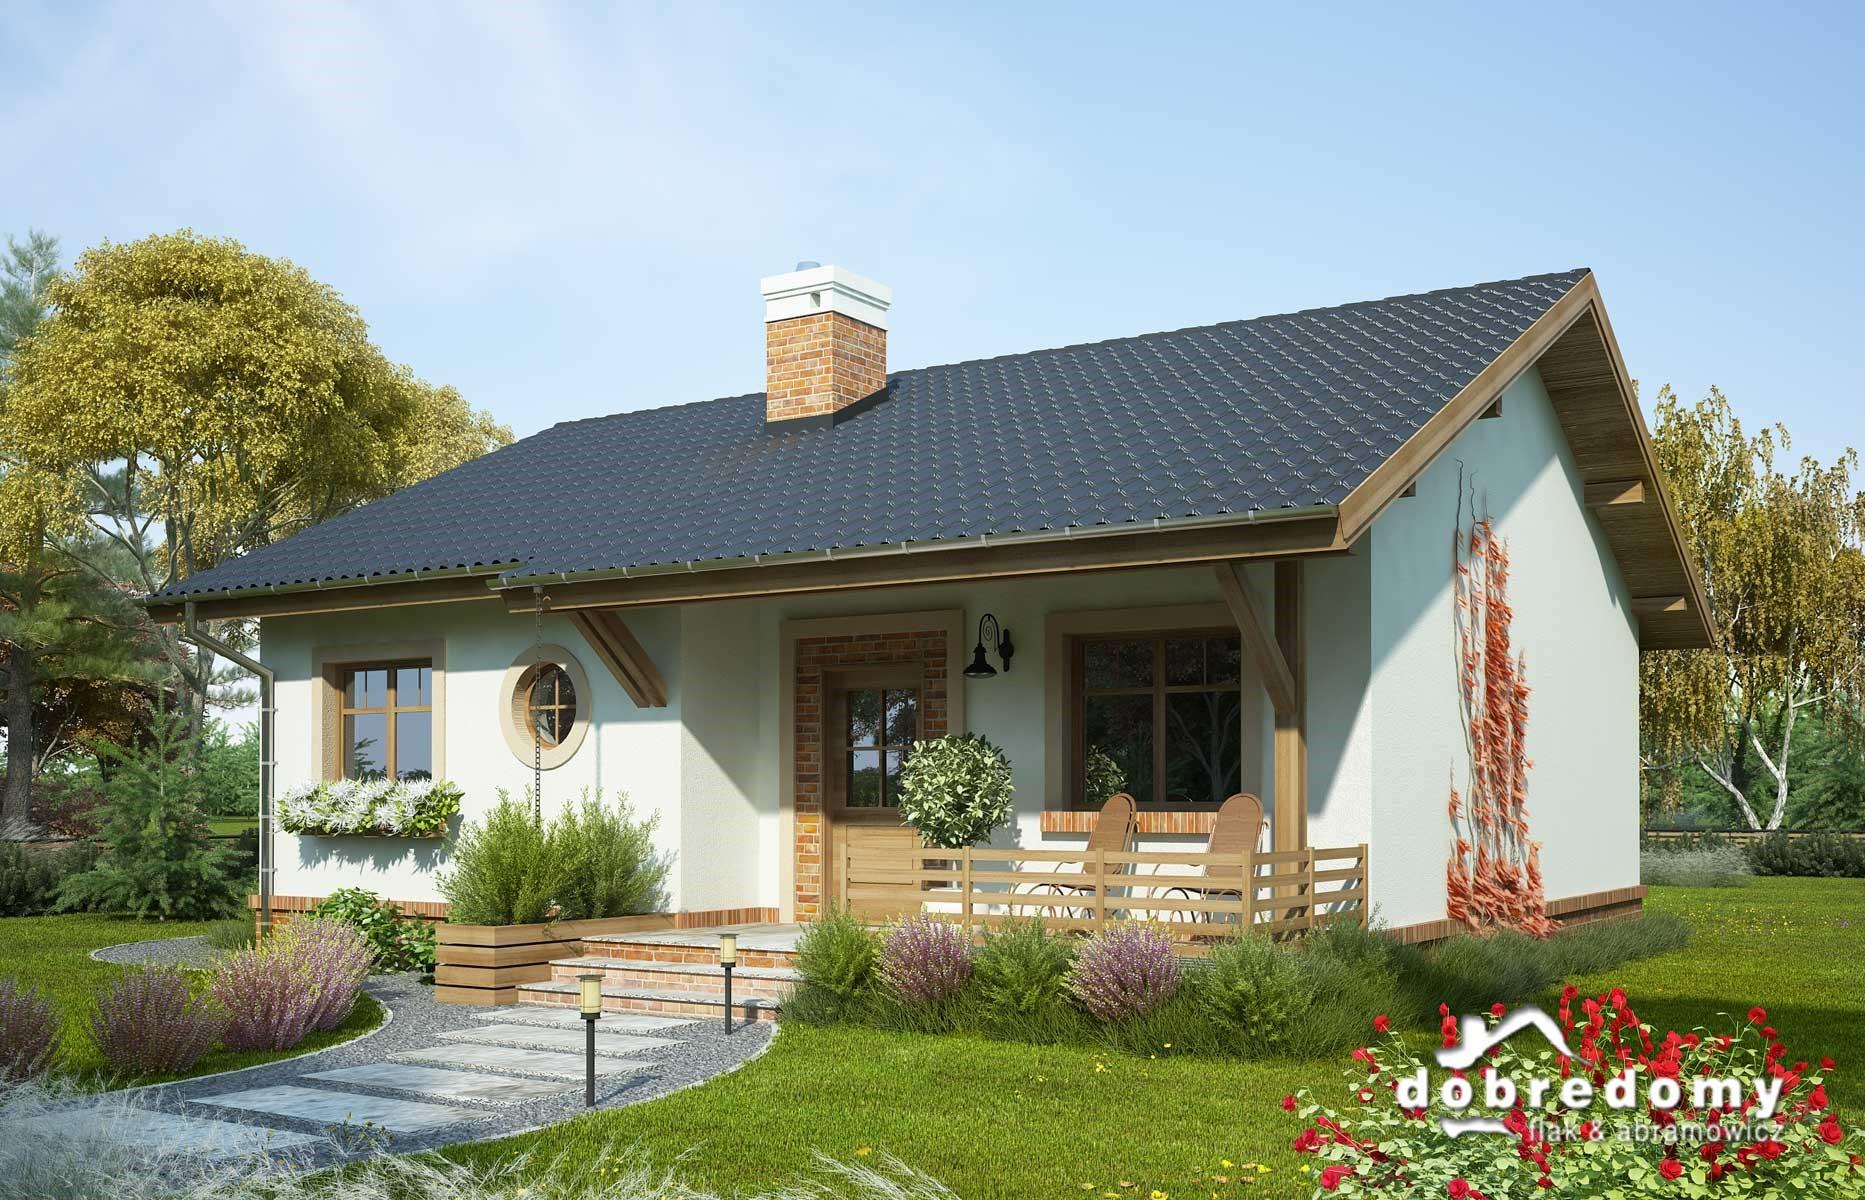 Budowa domu od podstaw – najważniejsze rzeczy, o których musisz wiedzieć przed rozpoczęciem prac